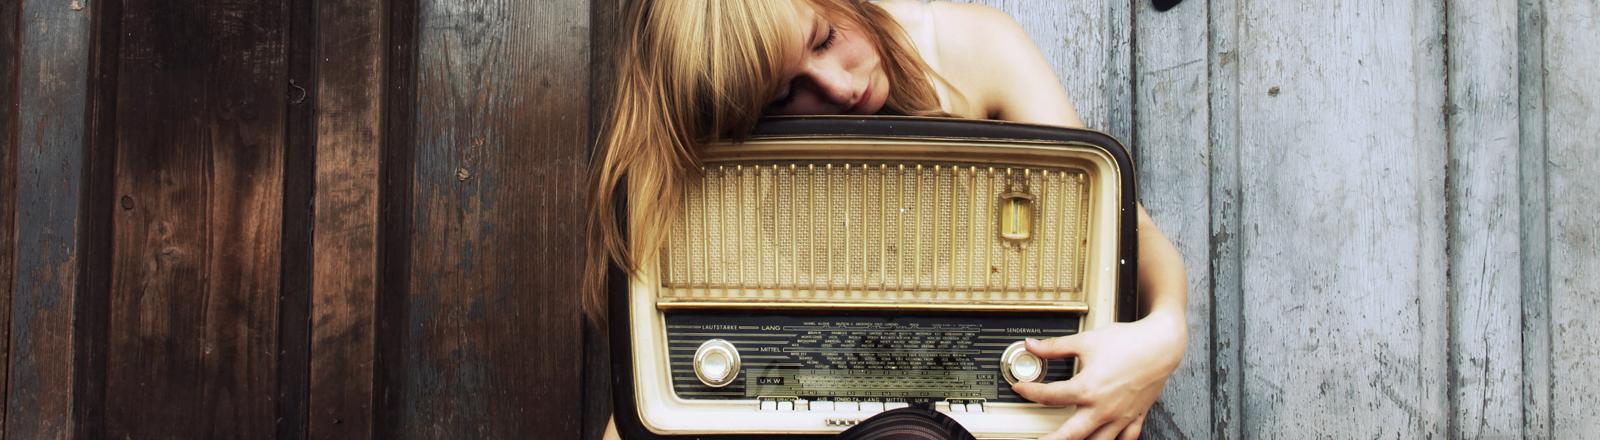 Ein Frau mit einem alten Radio